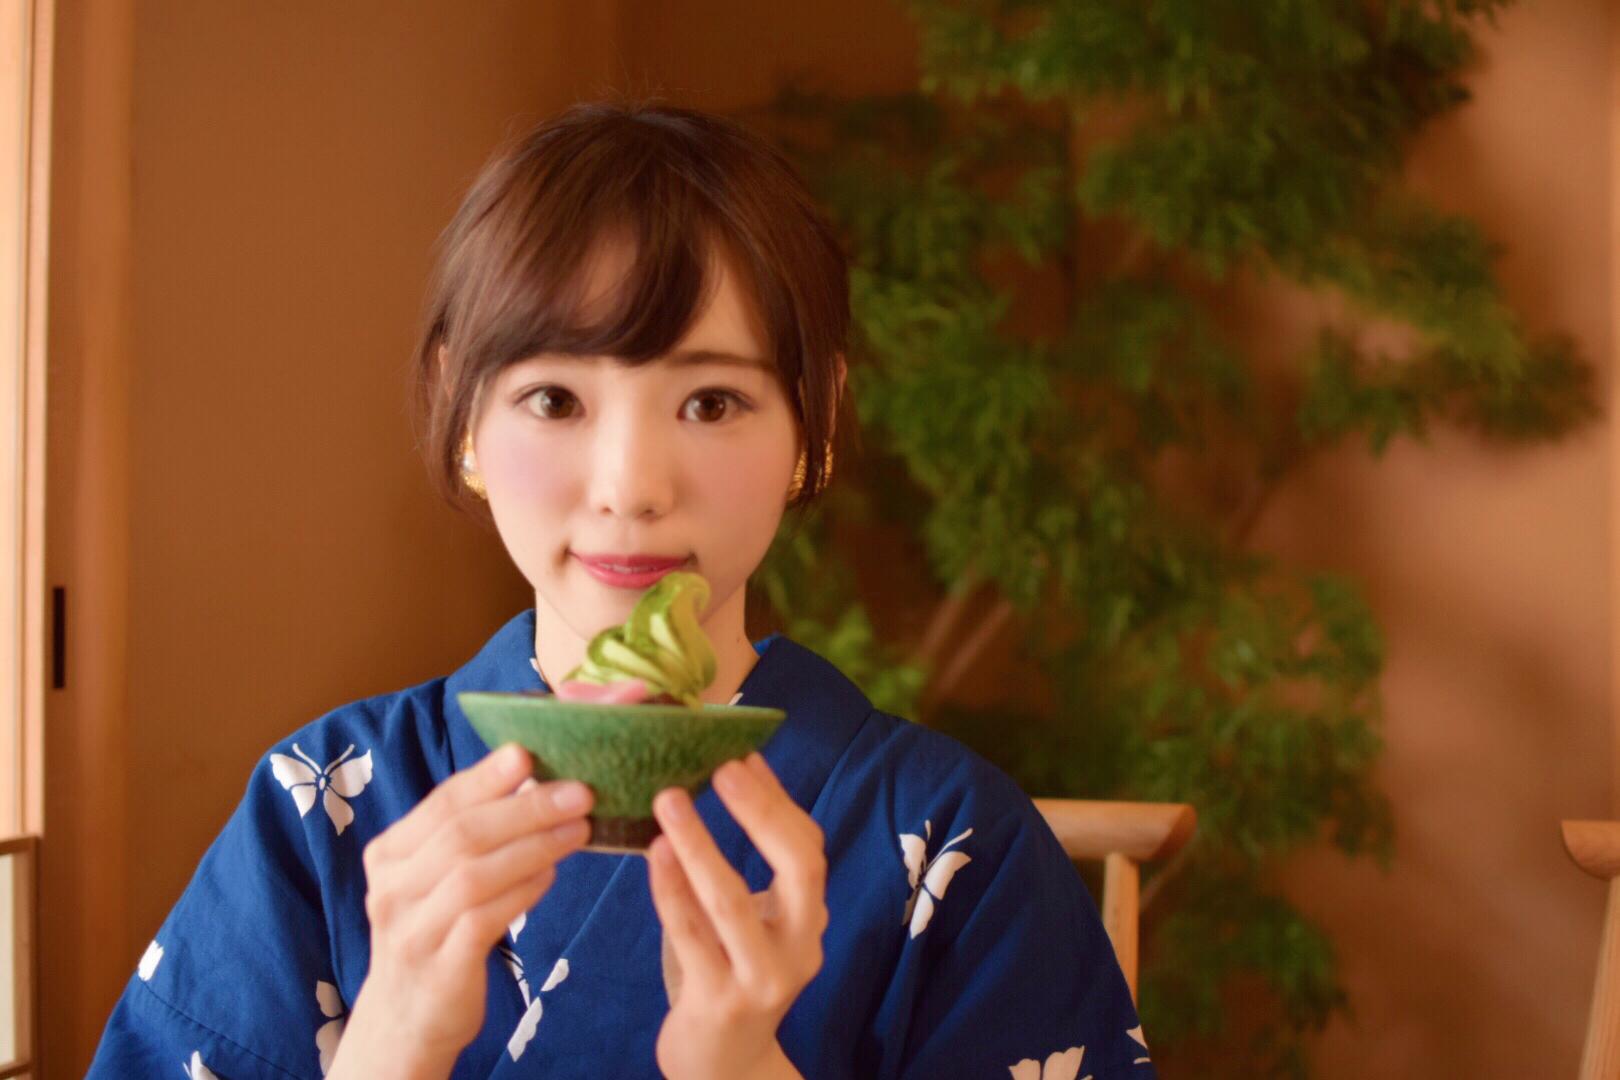 京都~清水までの間で寄り道~和カフェ濃ゆい抹茶アイス